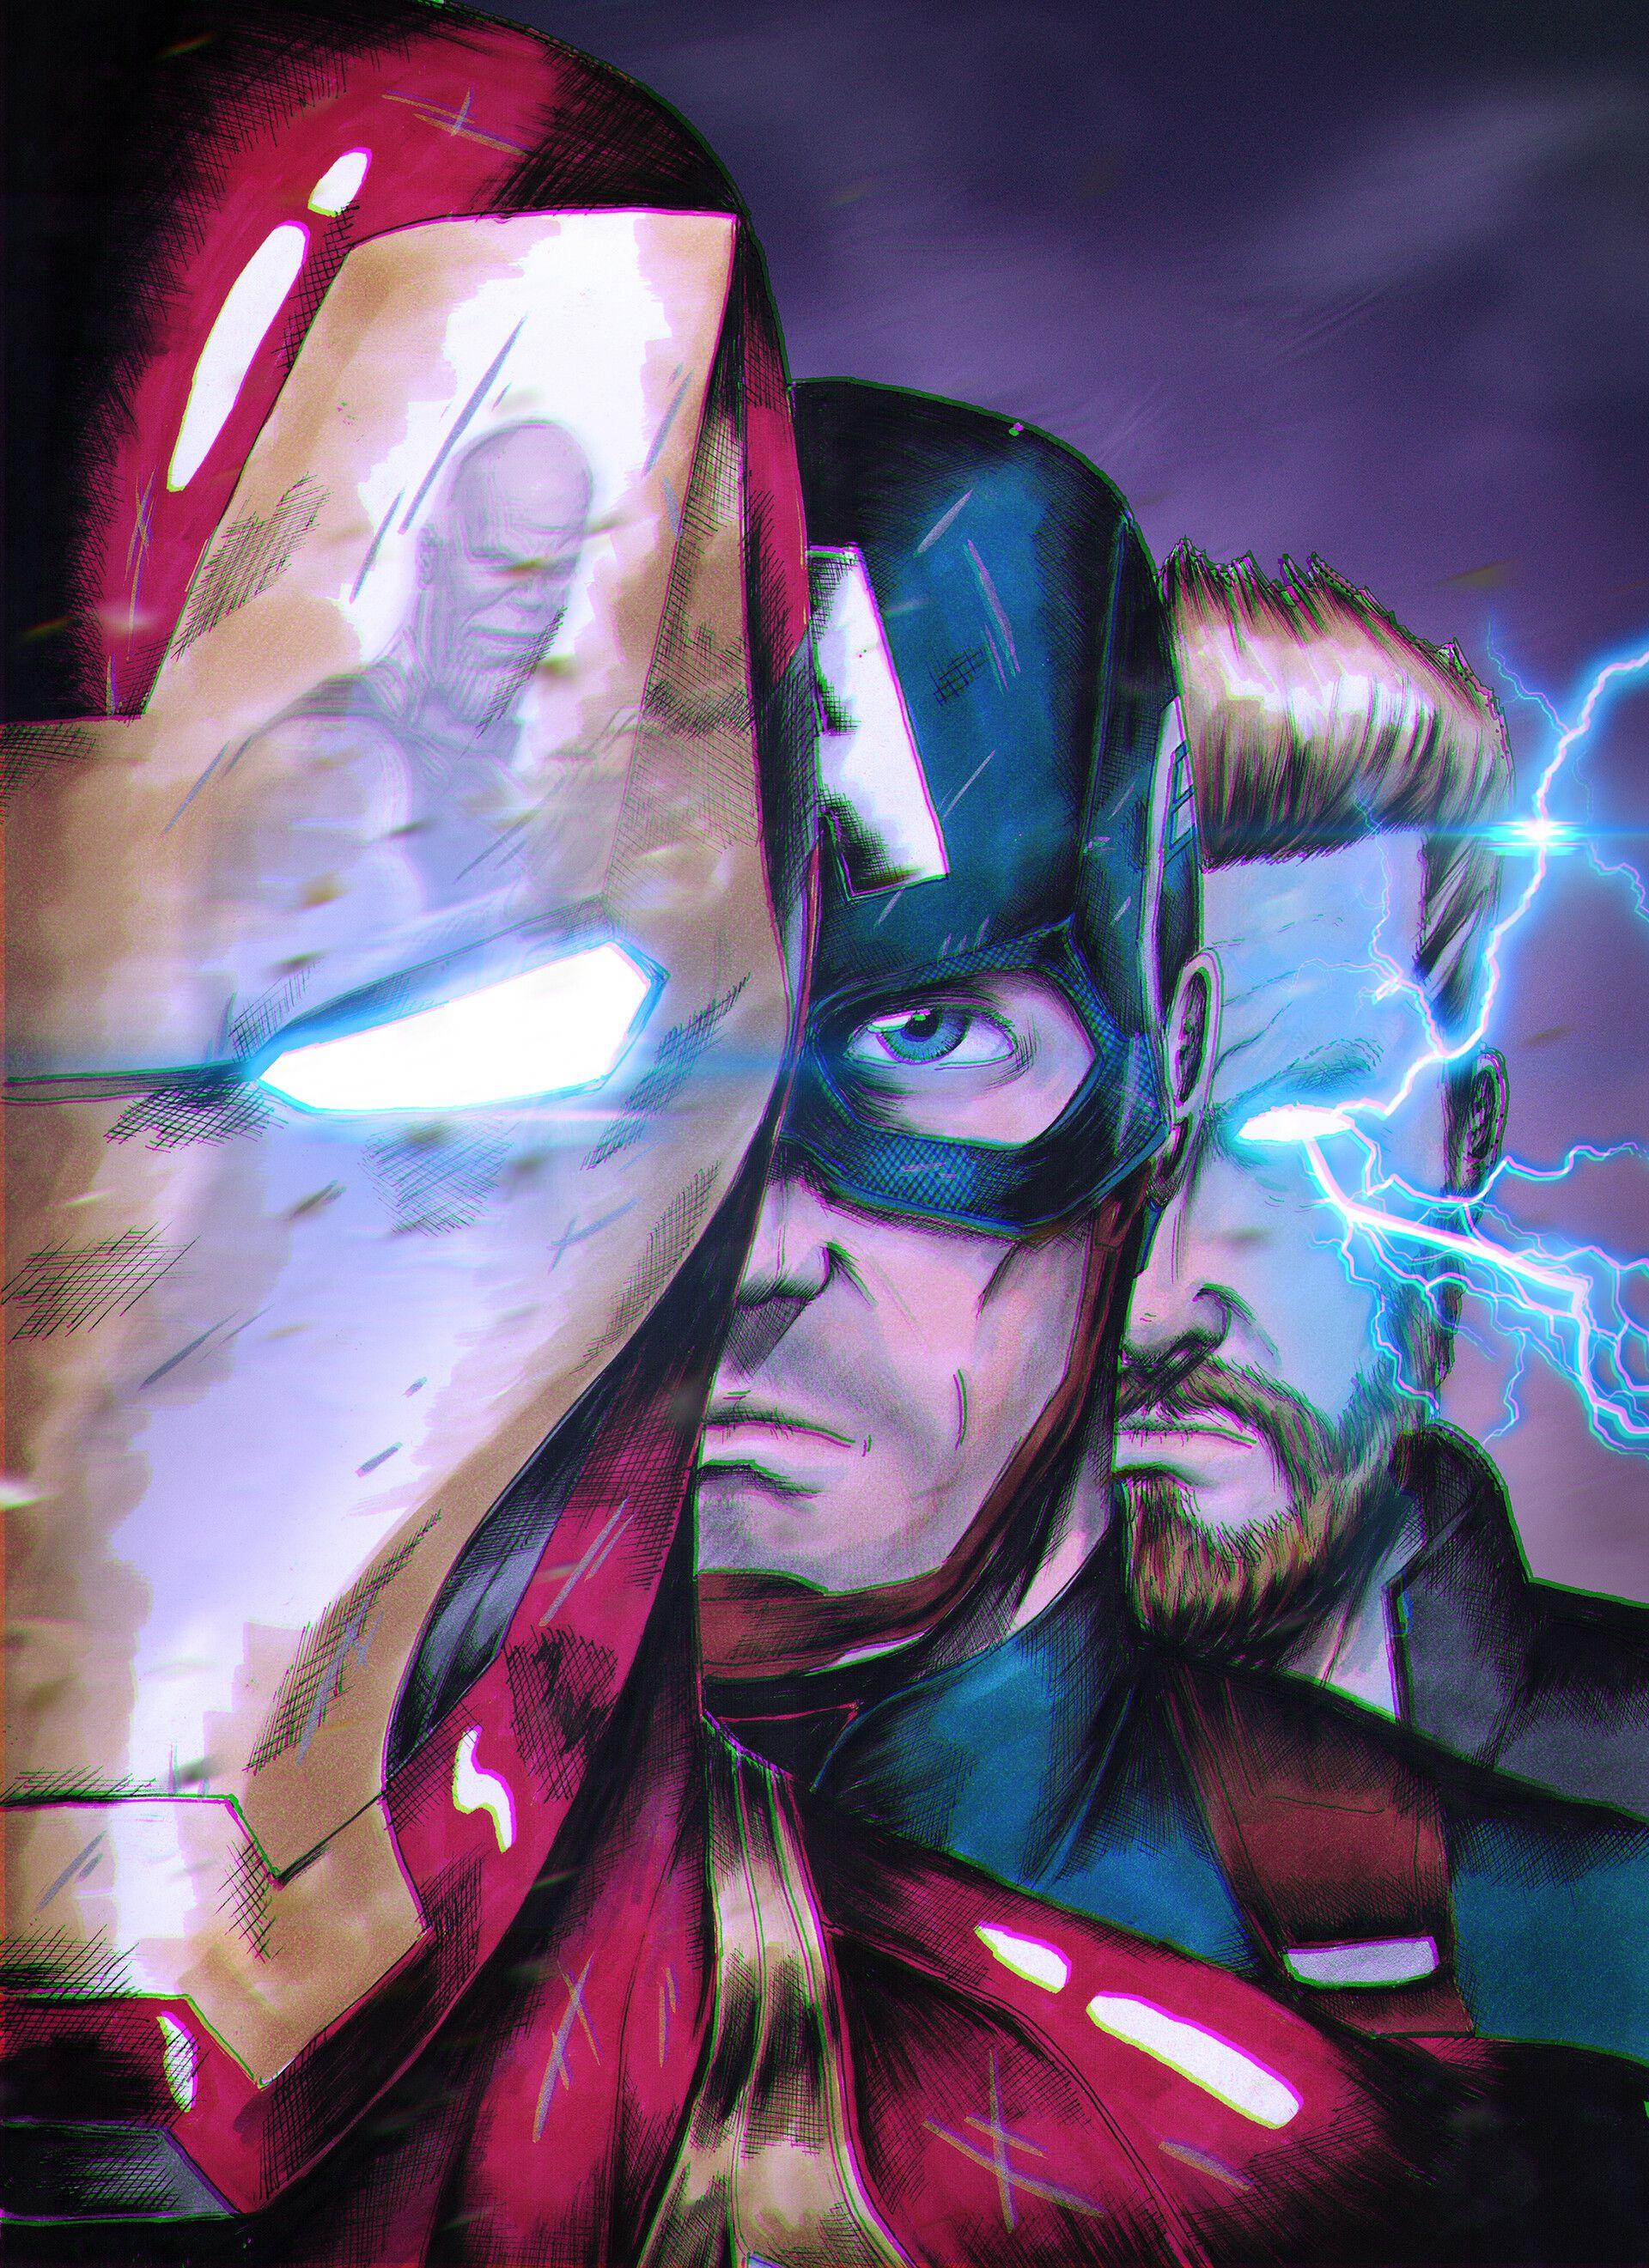 ArtStation - Avengers Endgame, Arsen Syromyatnikov #marvelavengers